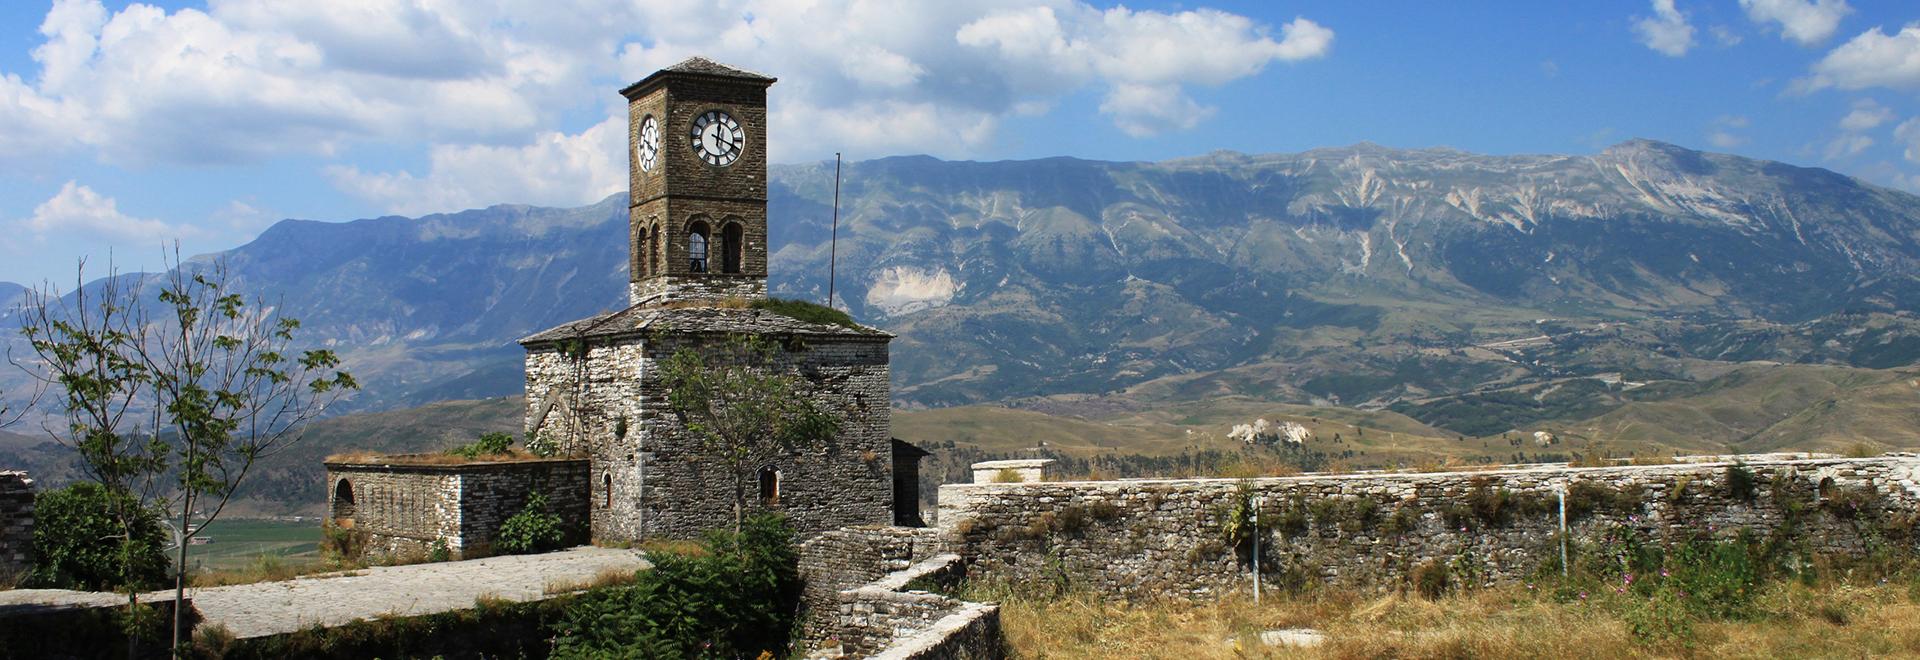 Gjirokaster Albanie tour nature et culture